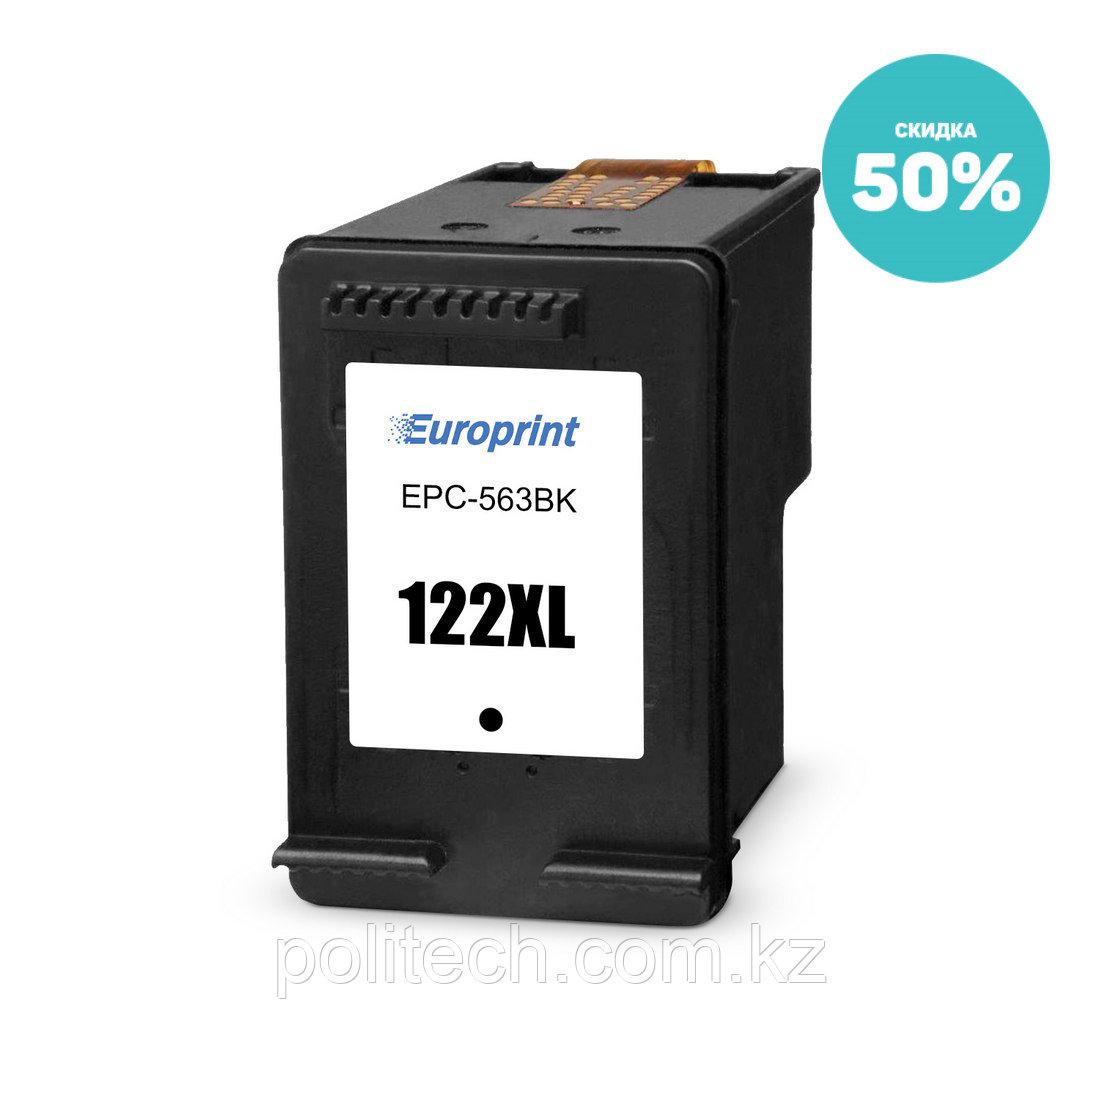 Картридж Europrint EPC-563BK (№122xl)